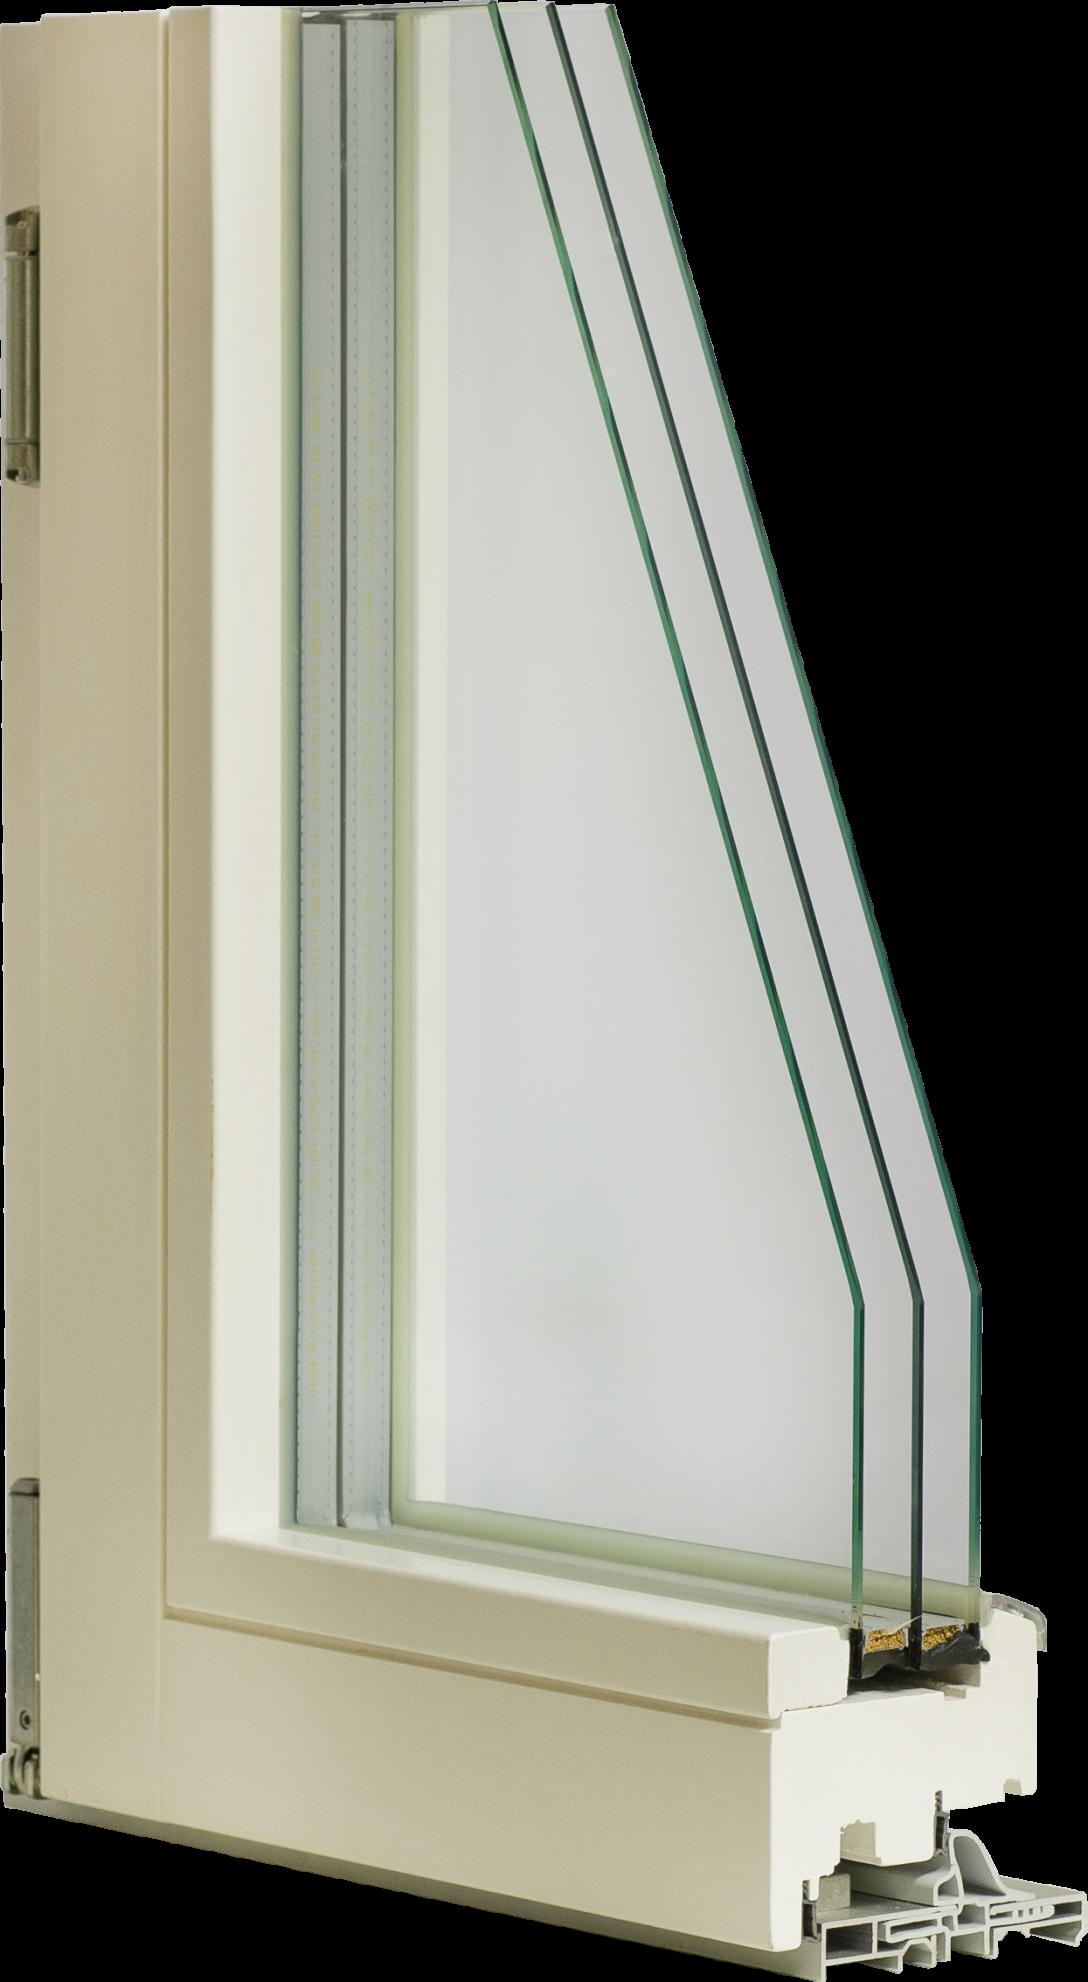 Large Size of Holzfenster Mit 3 Fach Verglasung Niedriger Schwelle Fenster Köln Felux Jalousien Insektenschutz Ohne Bohren Dreifachverglasung Einbruchschutzfolie Fenster Fenster 3 Fach Verglasung